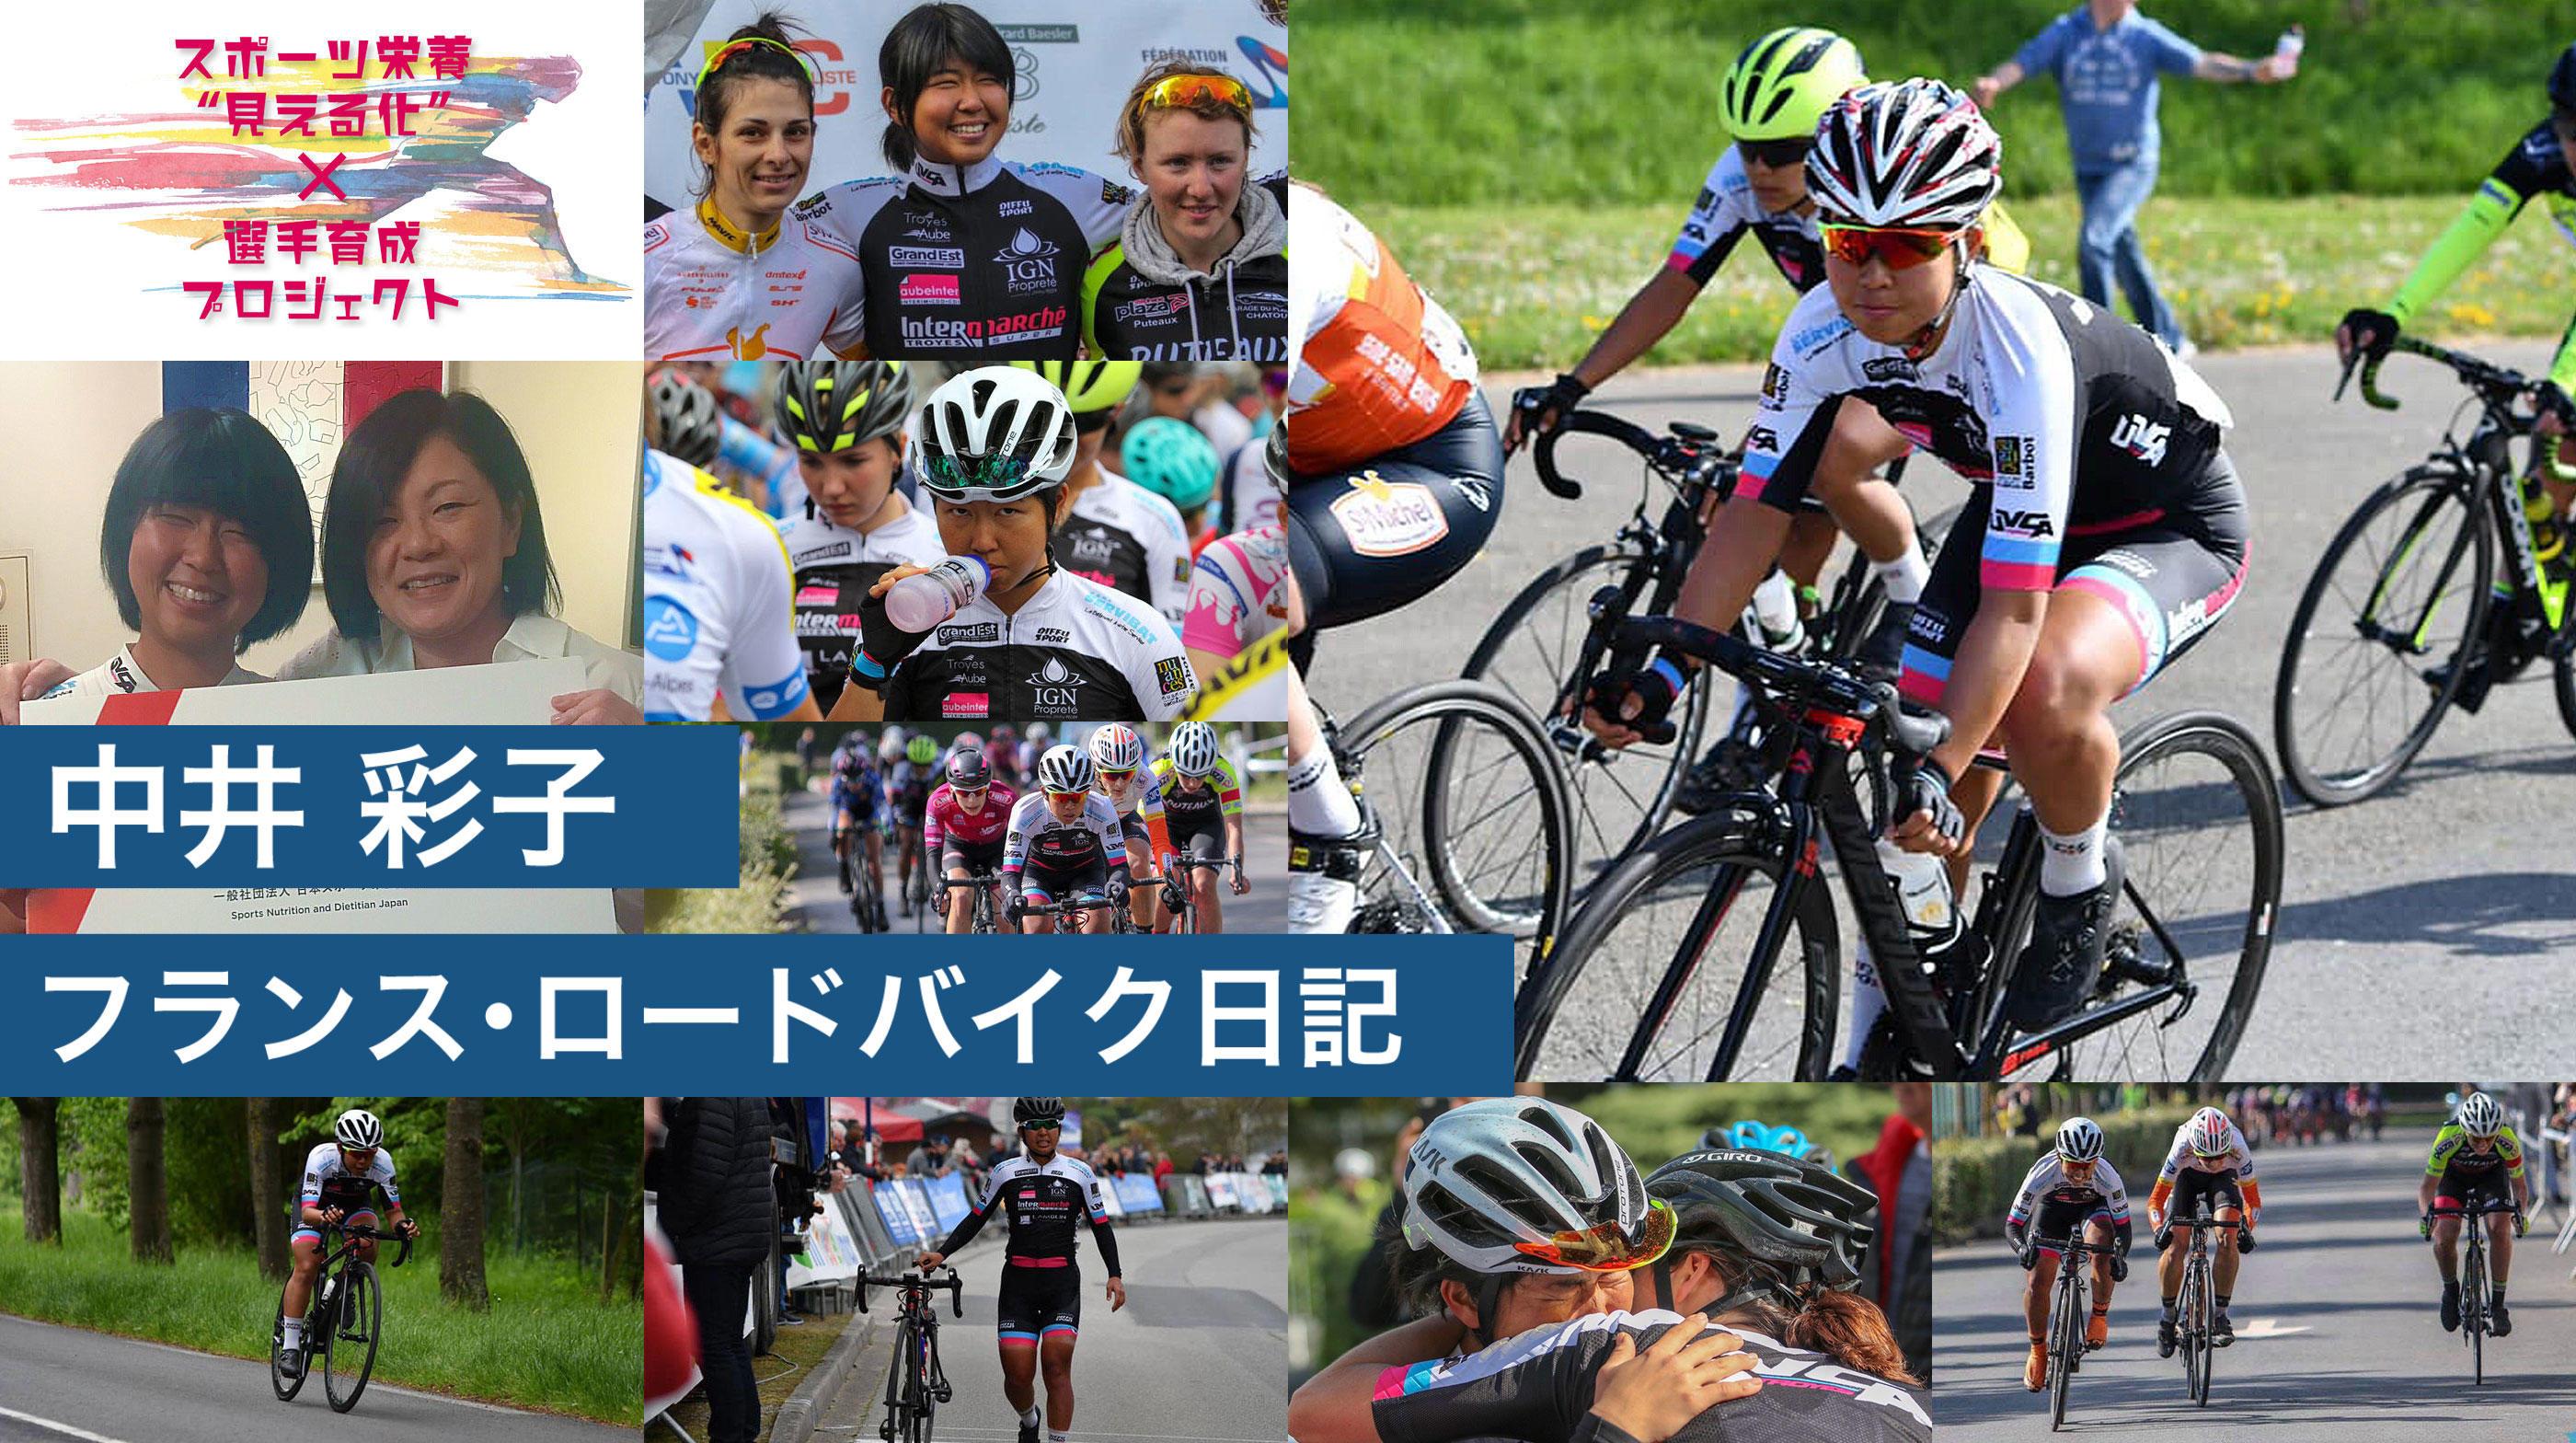 自転車競技・中井彩子選手の挑戦をSNDJがサポート スポーツ栄養